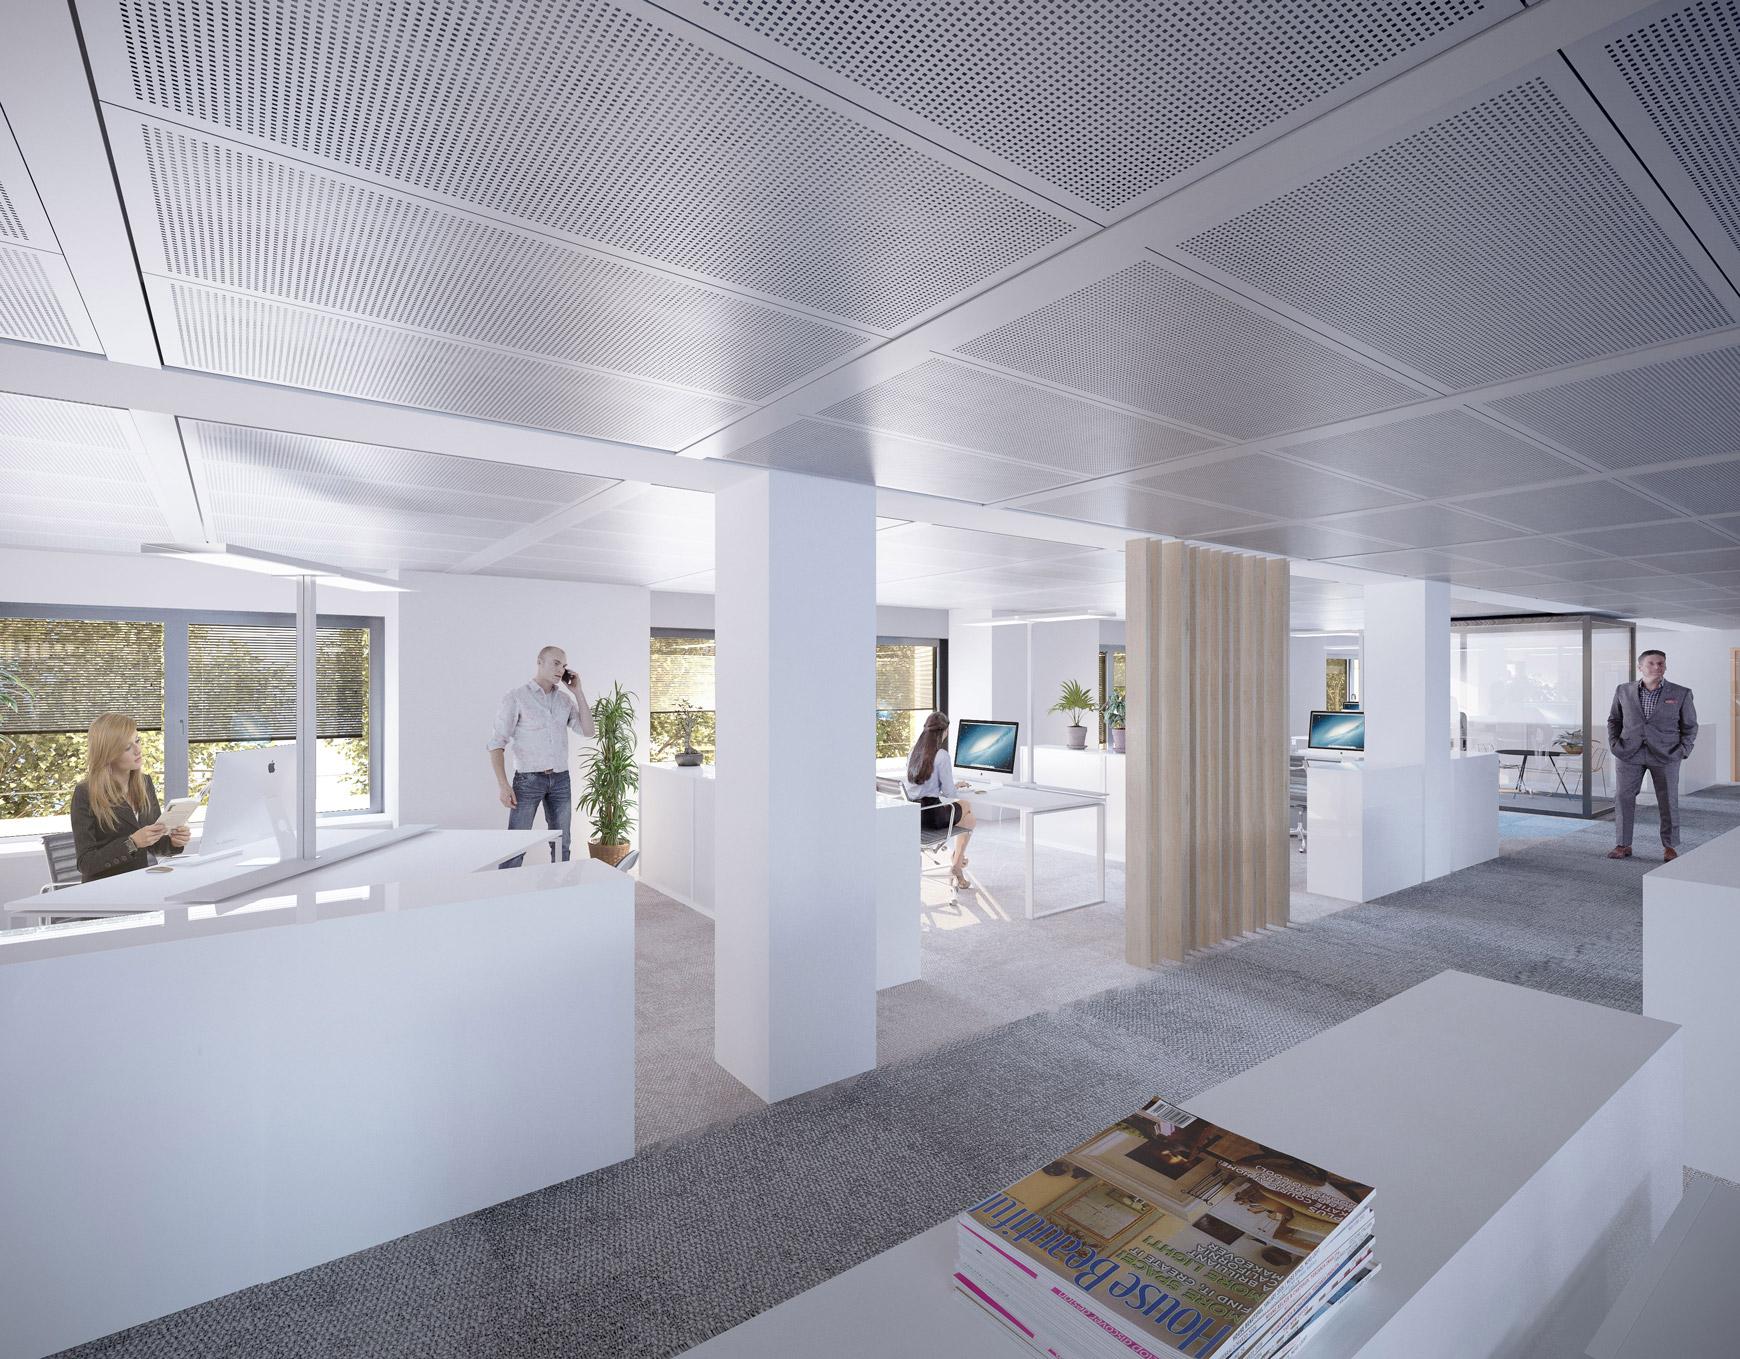 Réhabilitation lourde du siège sociale du Crédit Agricole Centre France à Clermont-Ferrand, labélisé BREEAM EXCELLENT, réalisé par le pôle Tertiaire de l'agence d'architecture SOHO ATLAS IN FINE LYON. Perspective, vue intérieure d'un plateau de bureaux.